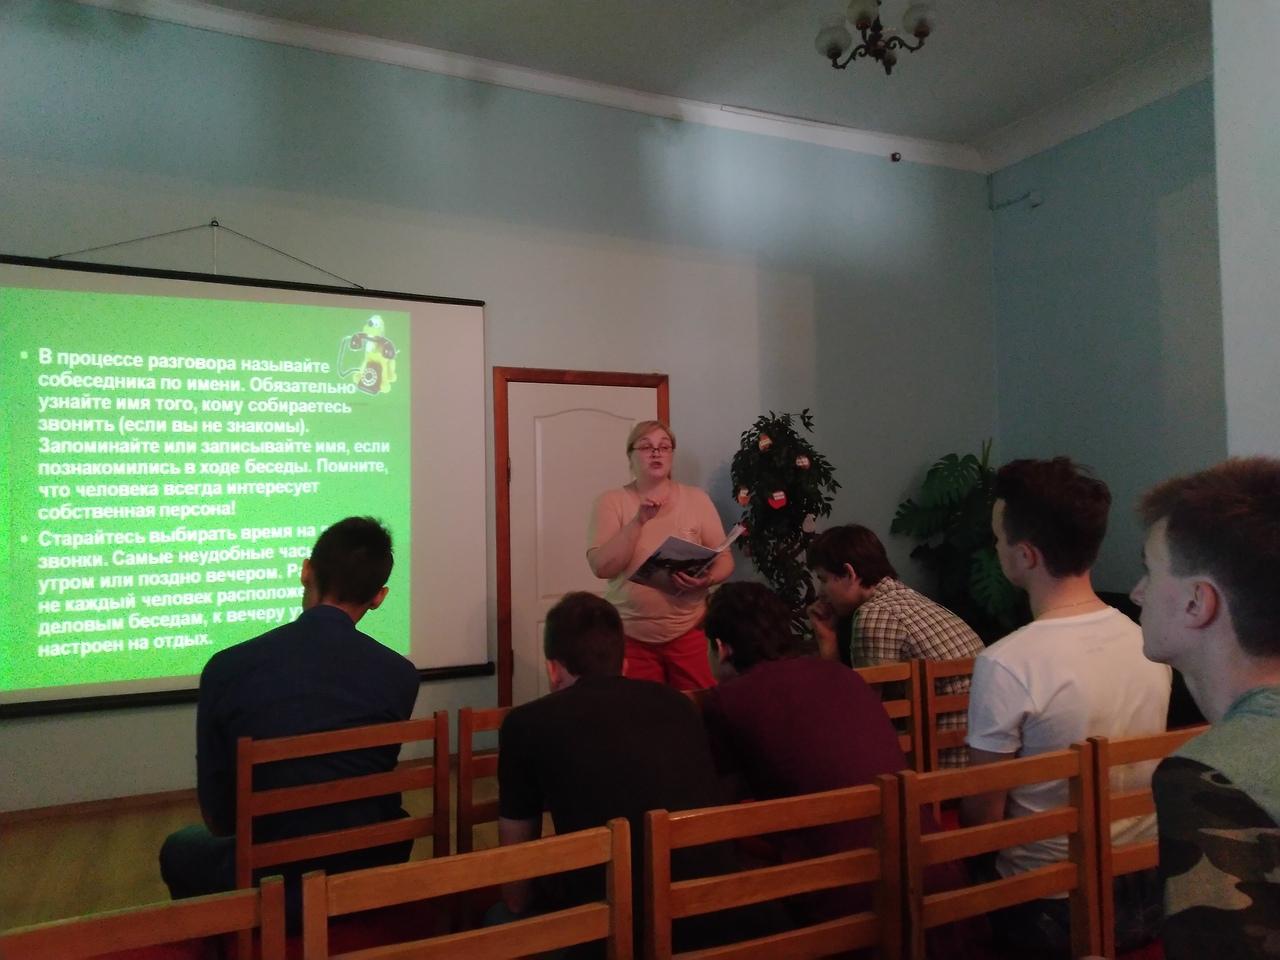 отдел обслуживания учащихся 5-9 классов, Донецкая републиканская библиотека для детей, лето в библиотеке, каникулы в библиотеке